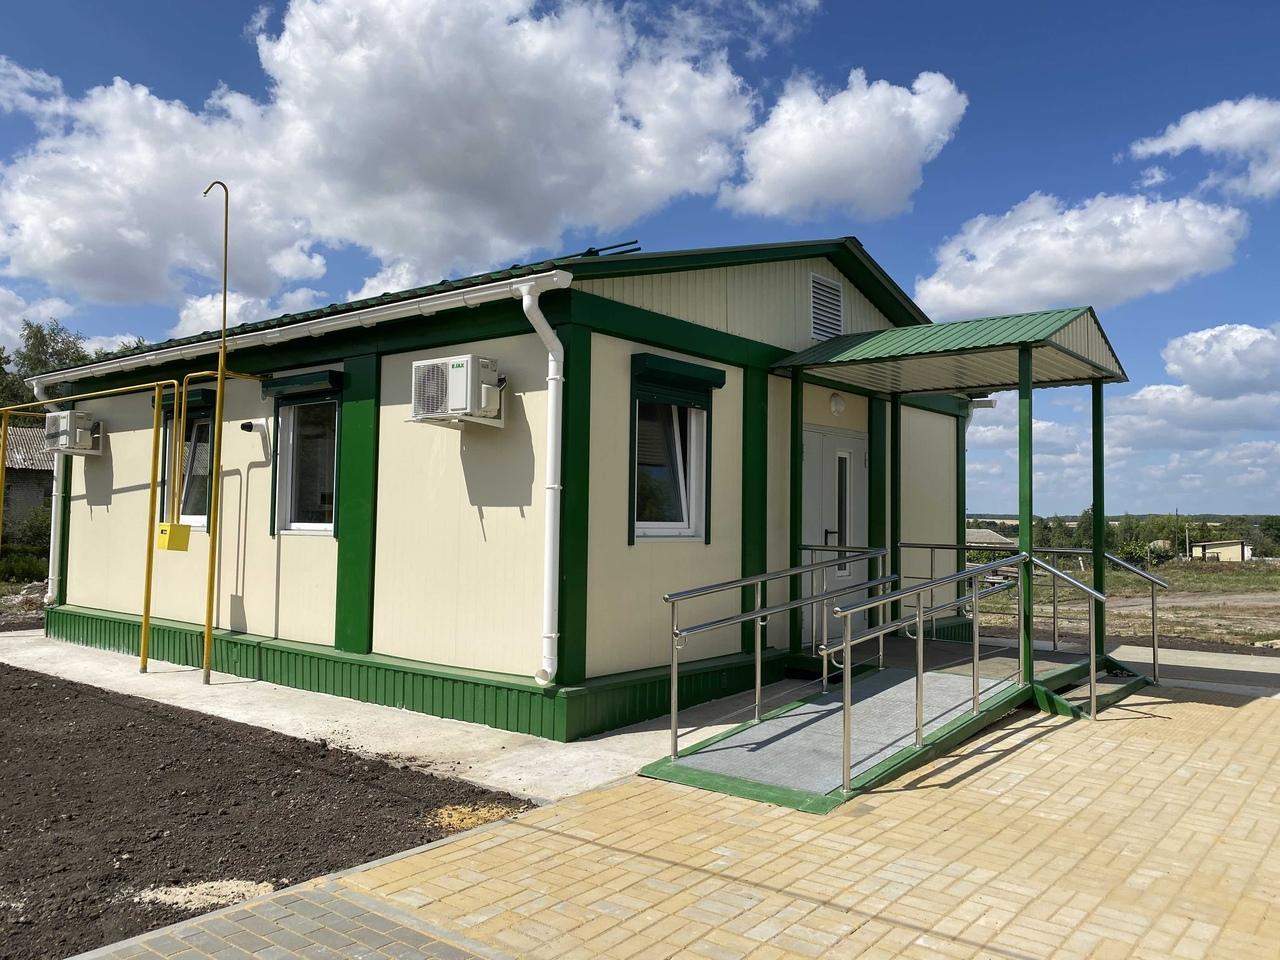 Курская область. В Тимском районе построили новый ФАП и отремонтировали детское отделение поликлиники